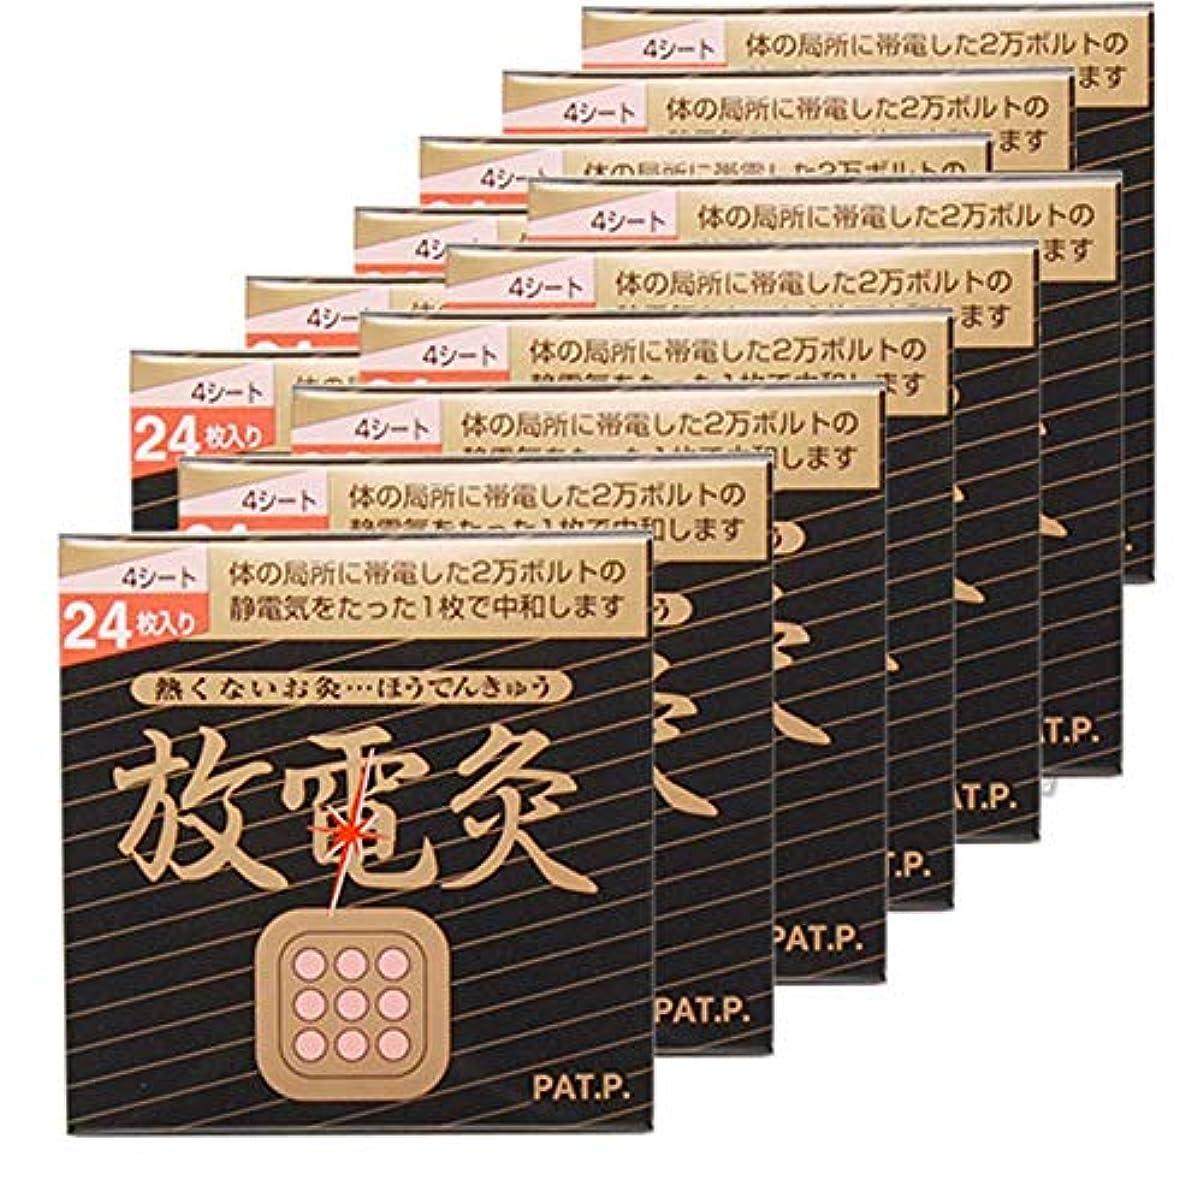 派生する横向き病気【X12箱セット】 放電灸 4シート(24枚入)